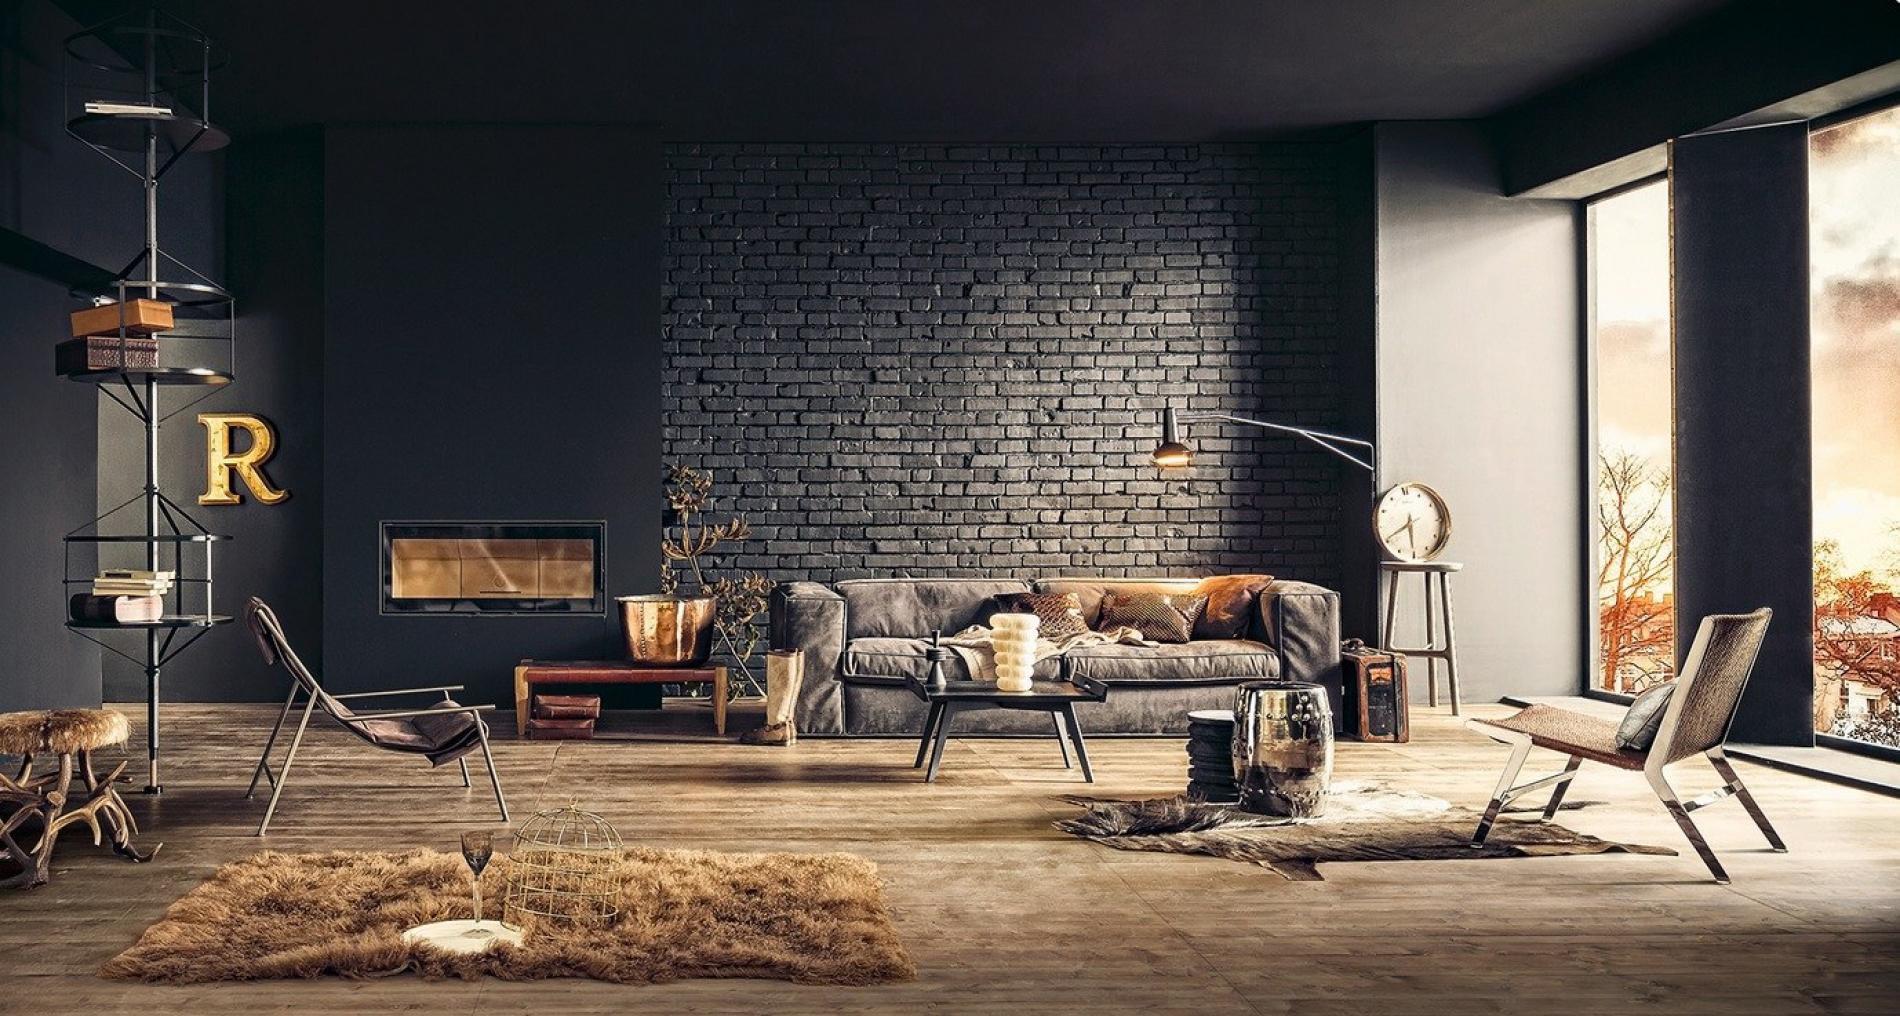 Industrial Chic scheint wie einen Wohnungseinrichtung -Stil, der eine echte Schönheit in den utilitaristischen und gealterten Look findet.